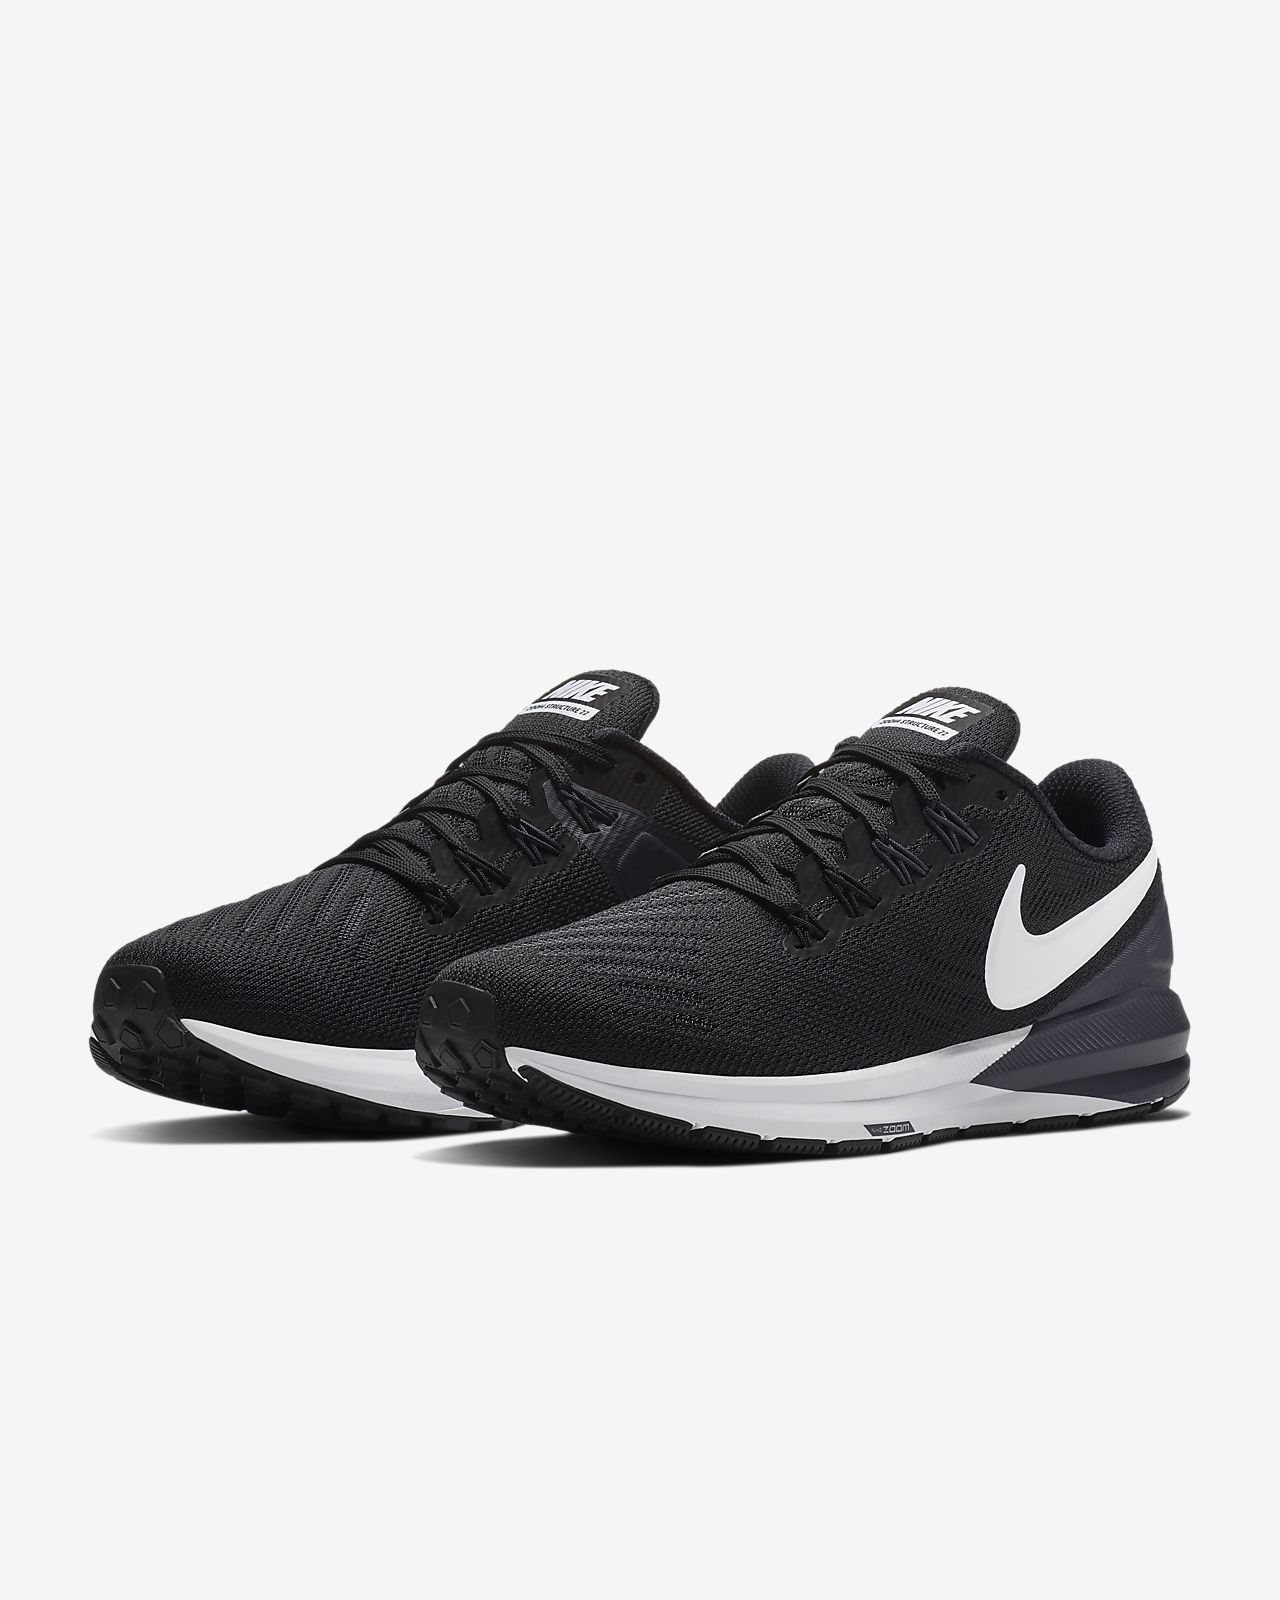 d413cabdb5721 Nike Air Zoom Structure 22 Kadın Koşu Ayakkabısı. Nike.com TR